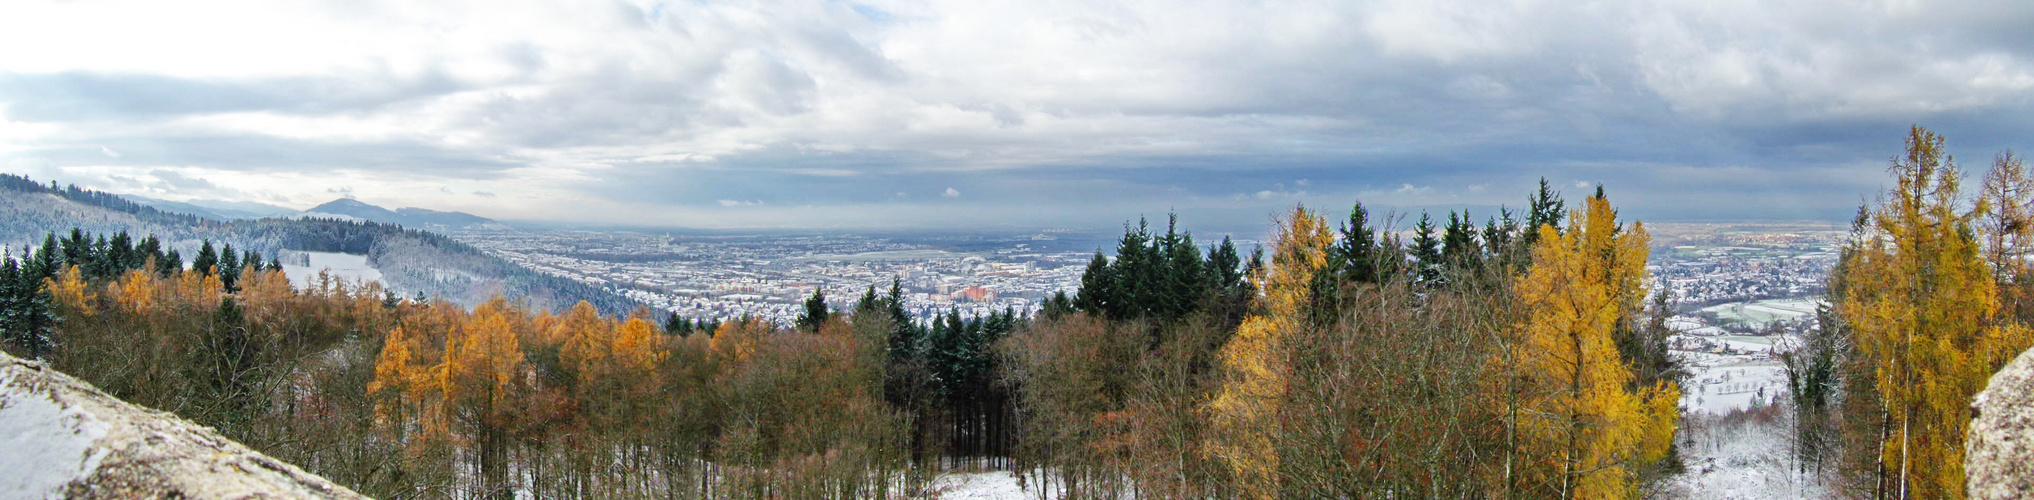 Freiburg-Panorama von der Zähringer Burg aus